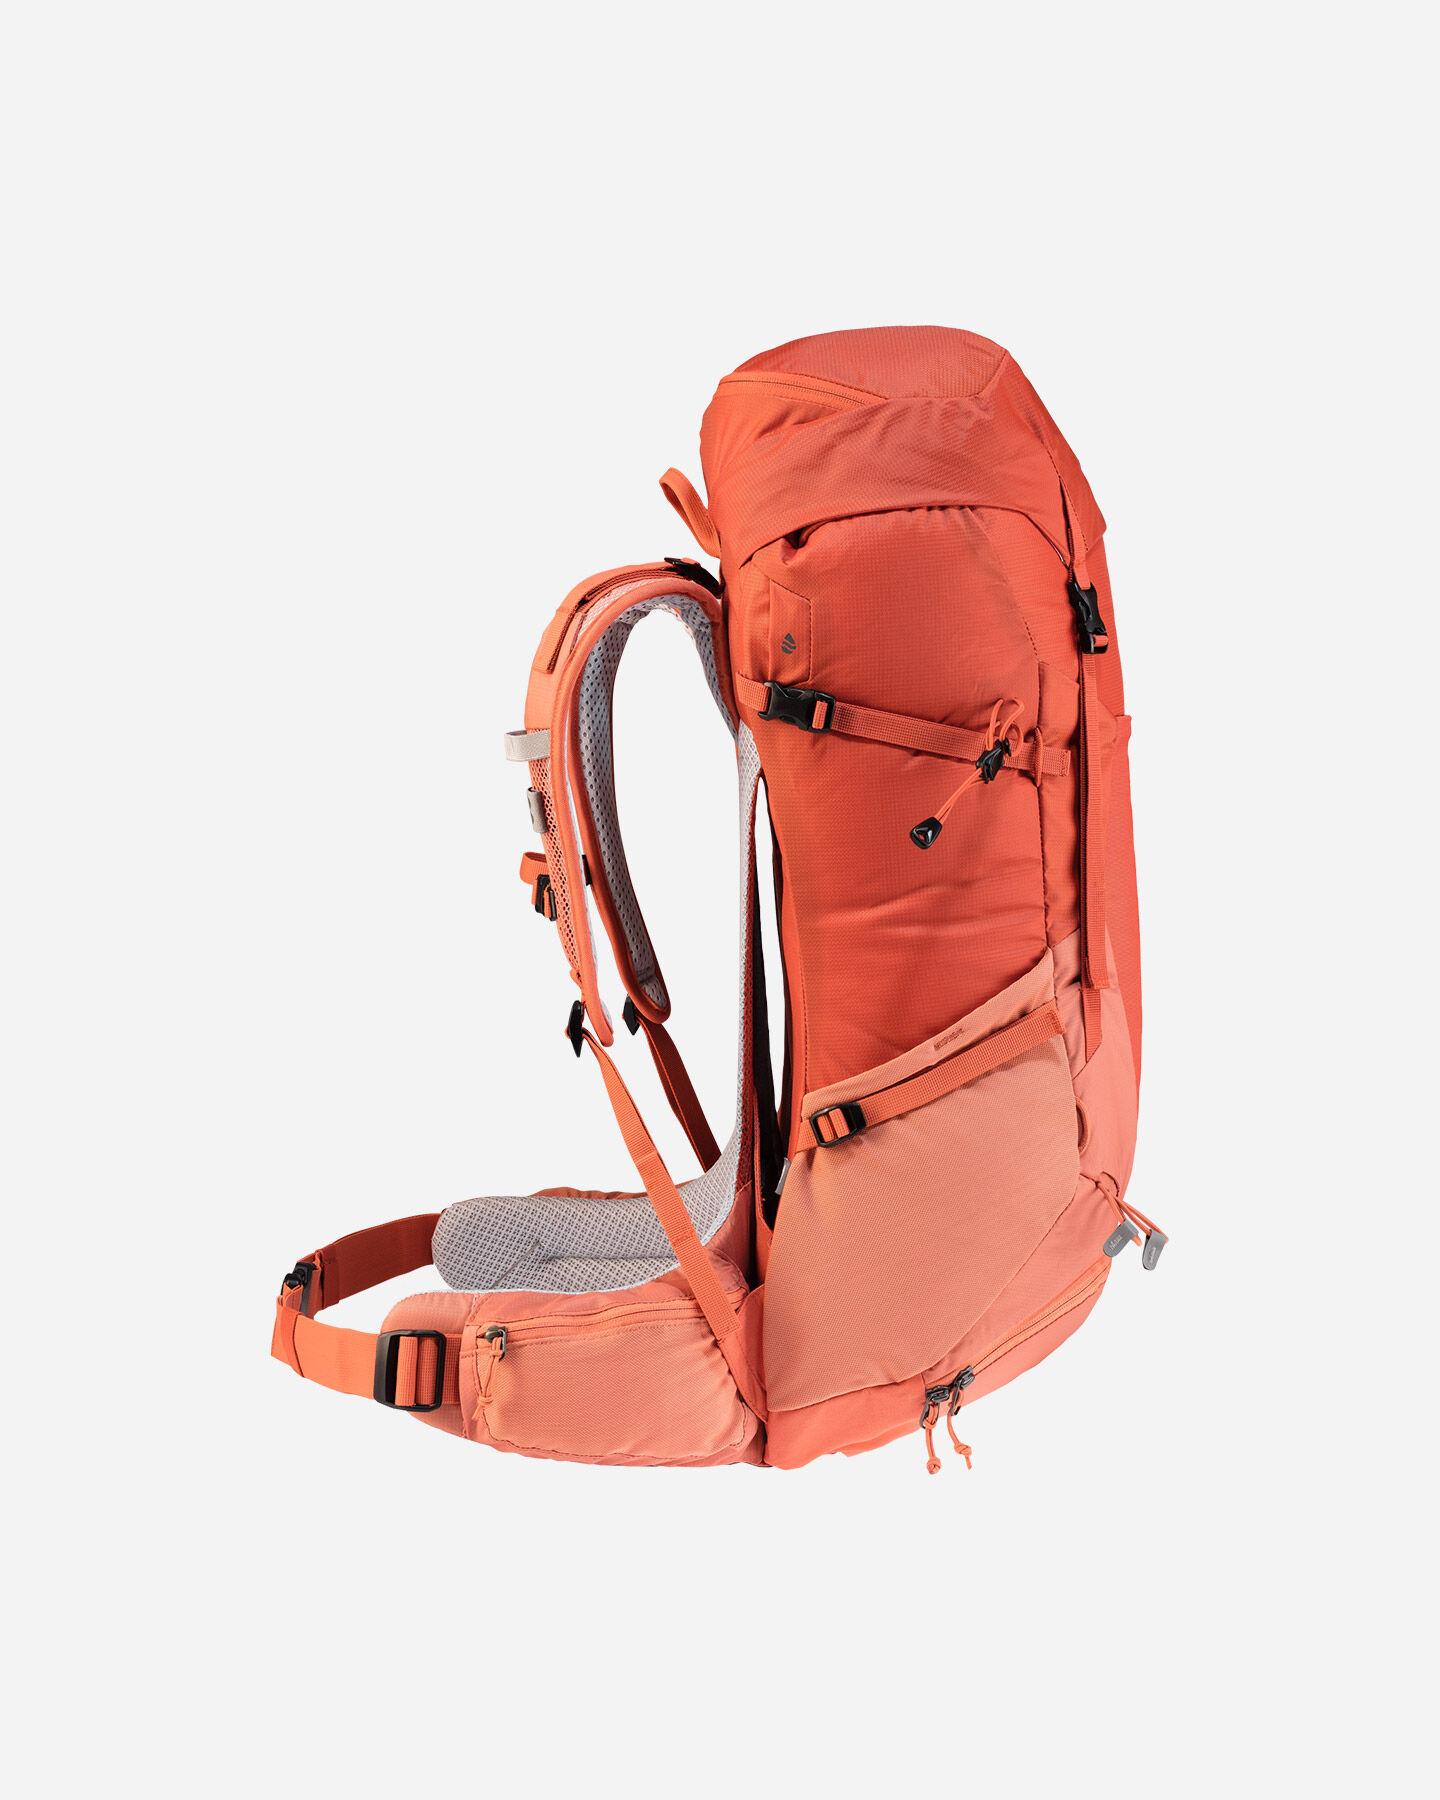 Zaino escursionismo DEUTER FUTURA 30 SL RC S4090219 5572 UNI scatto 2